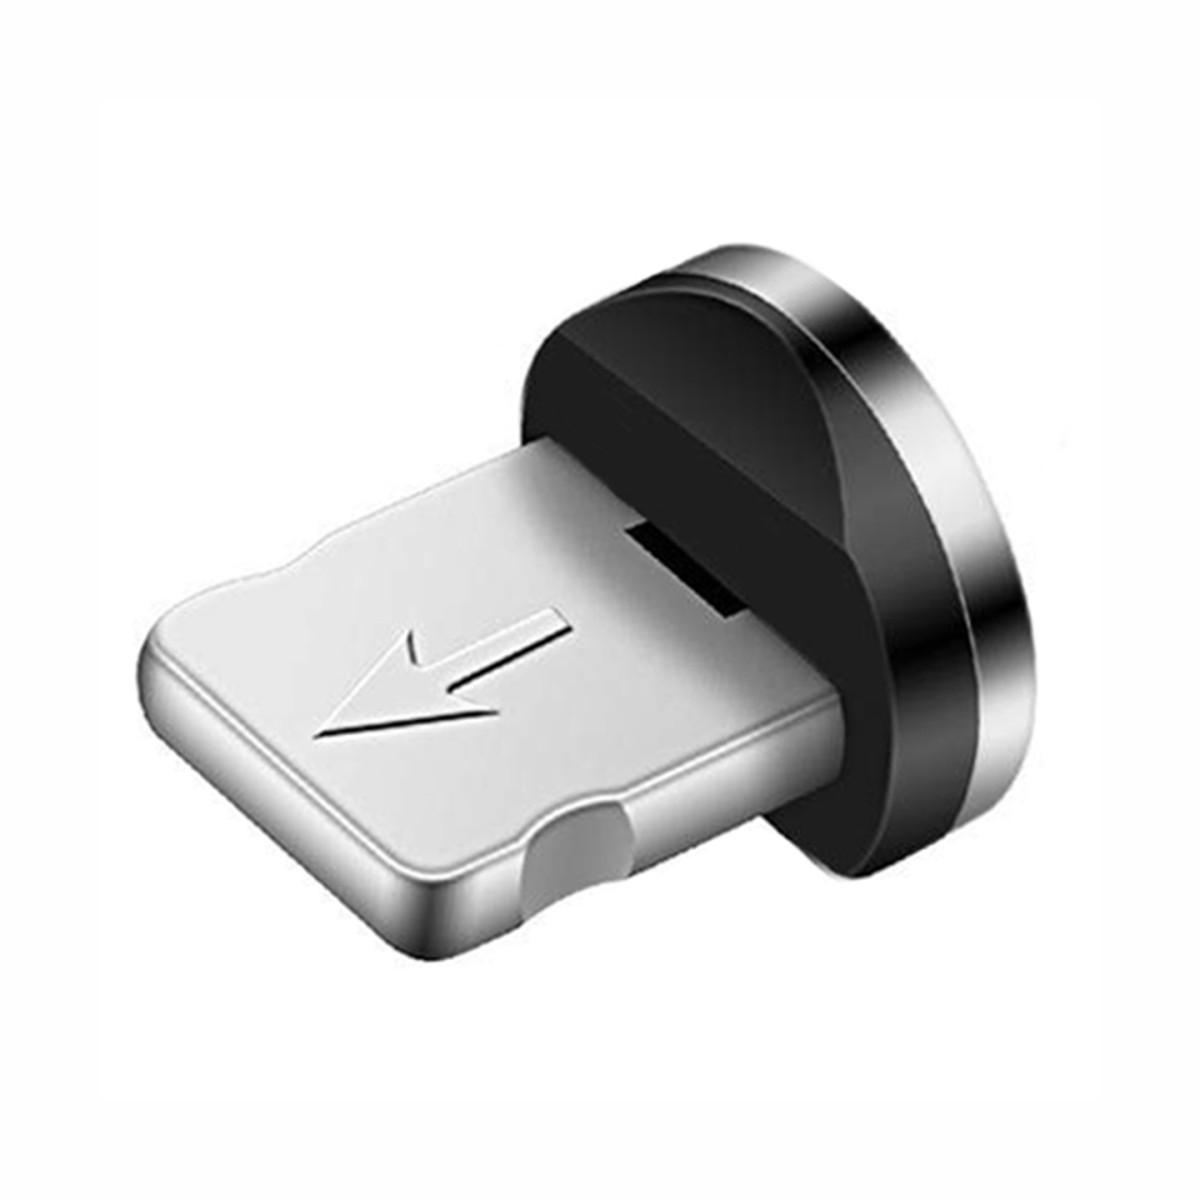 Магнитный коннектор ROCK apple-lightning (R/L Connect) для зарядки (1pin)